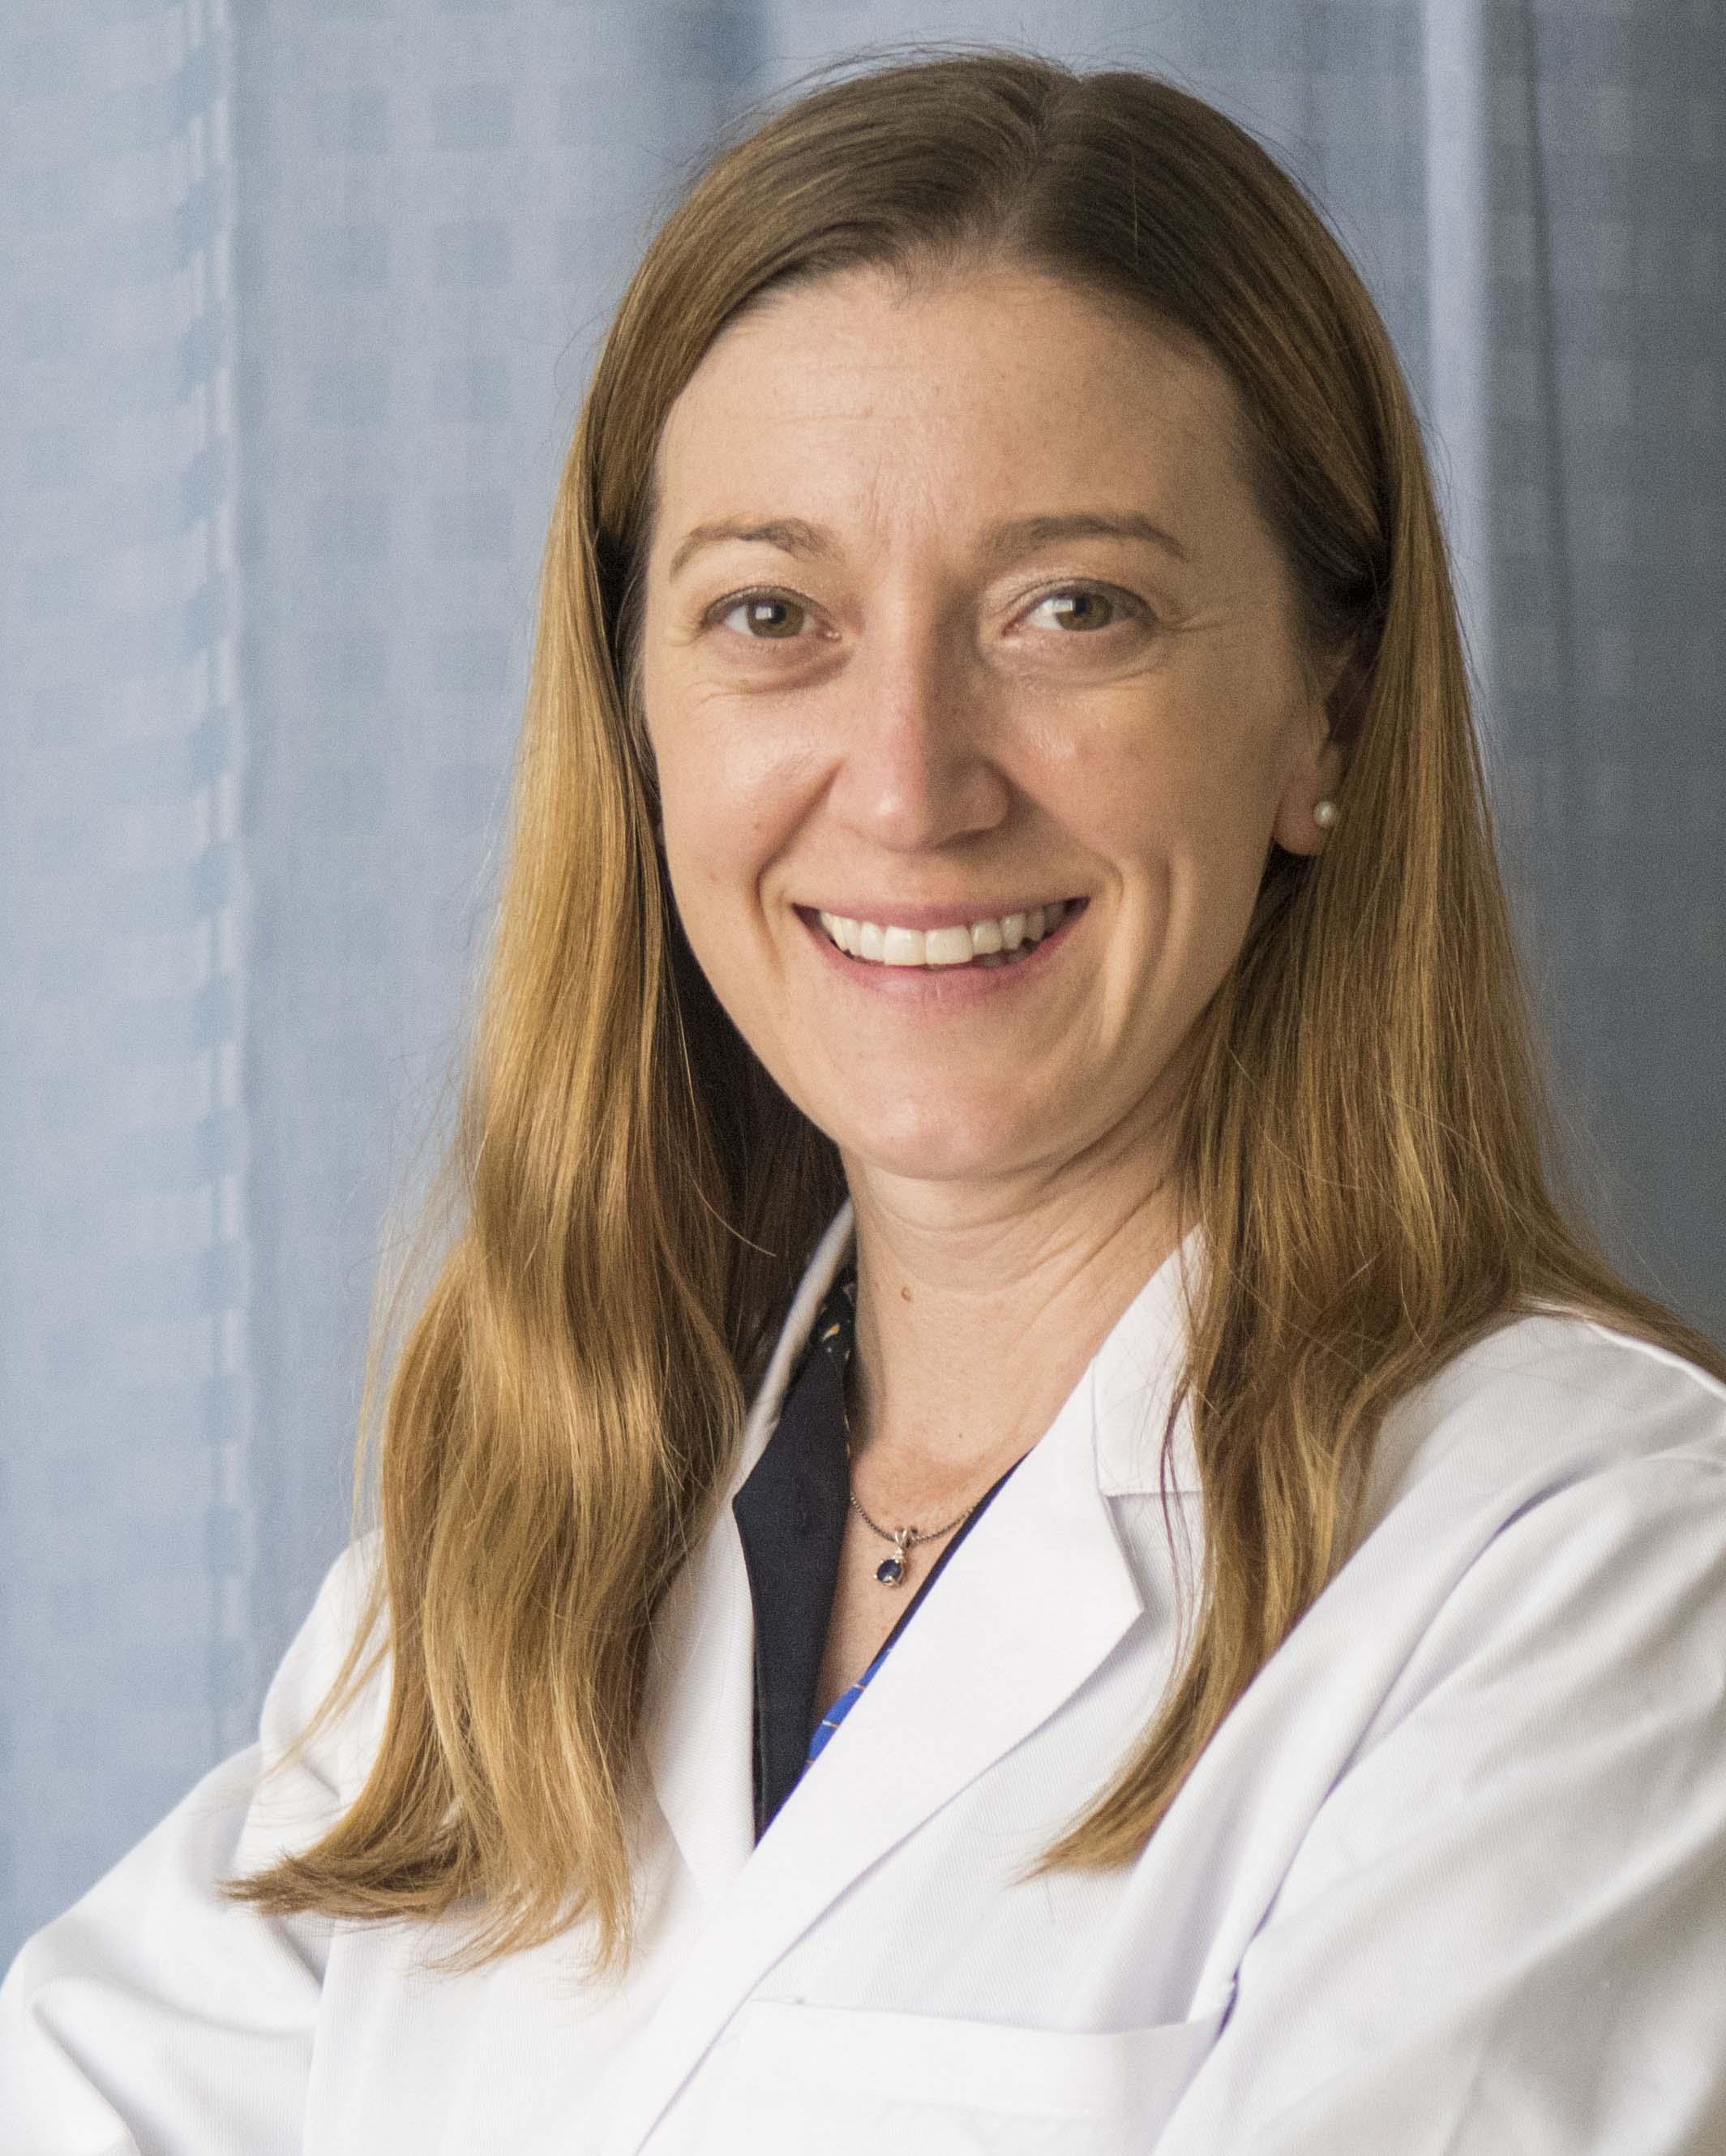 Dr. Tress Goodwin